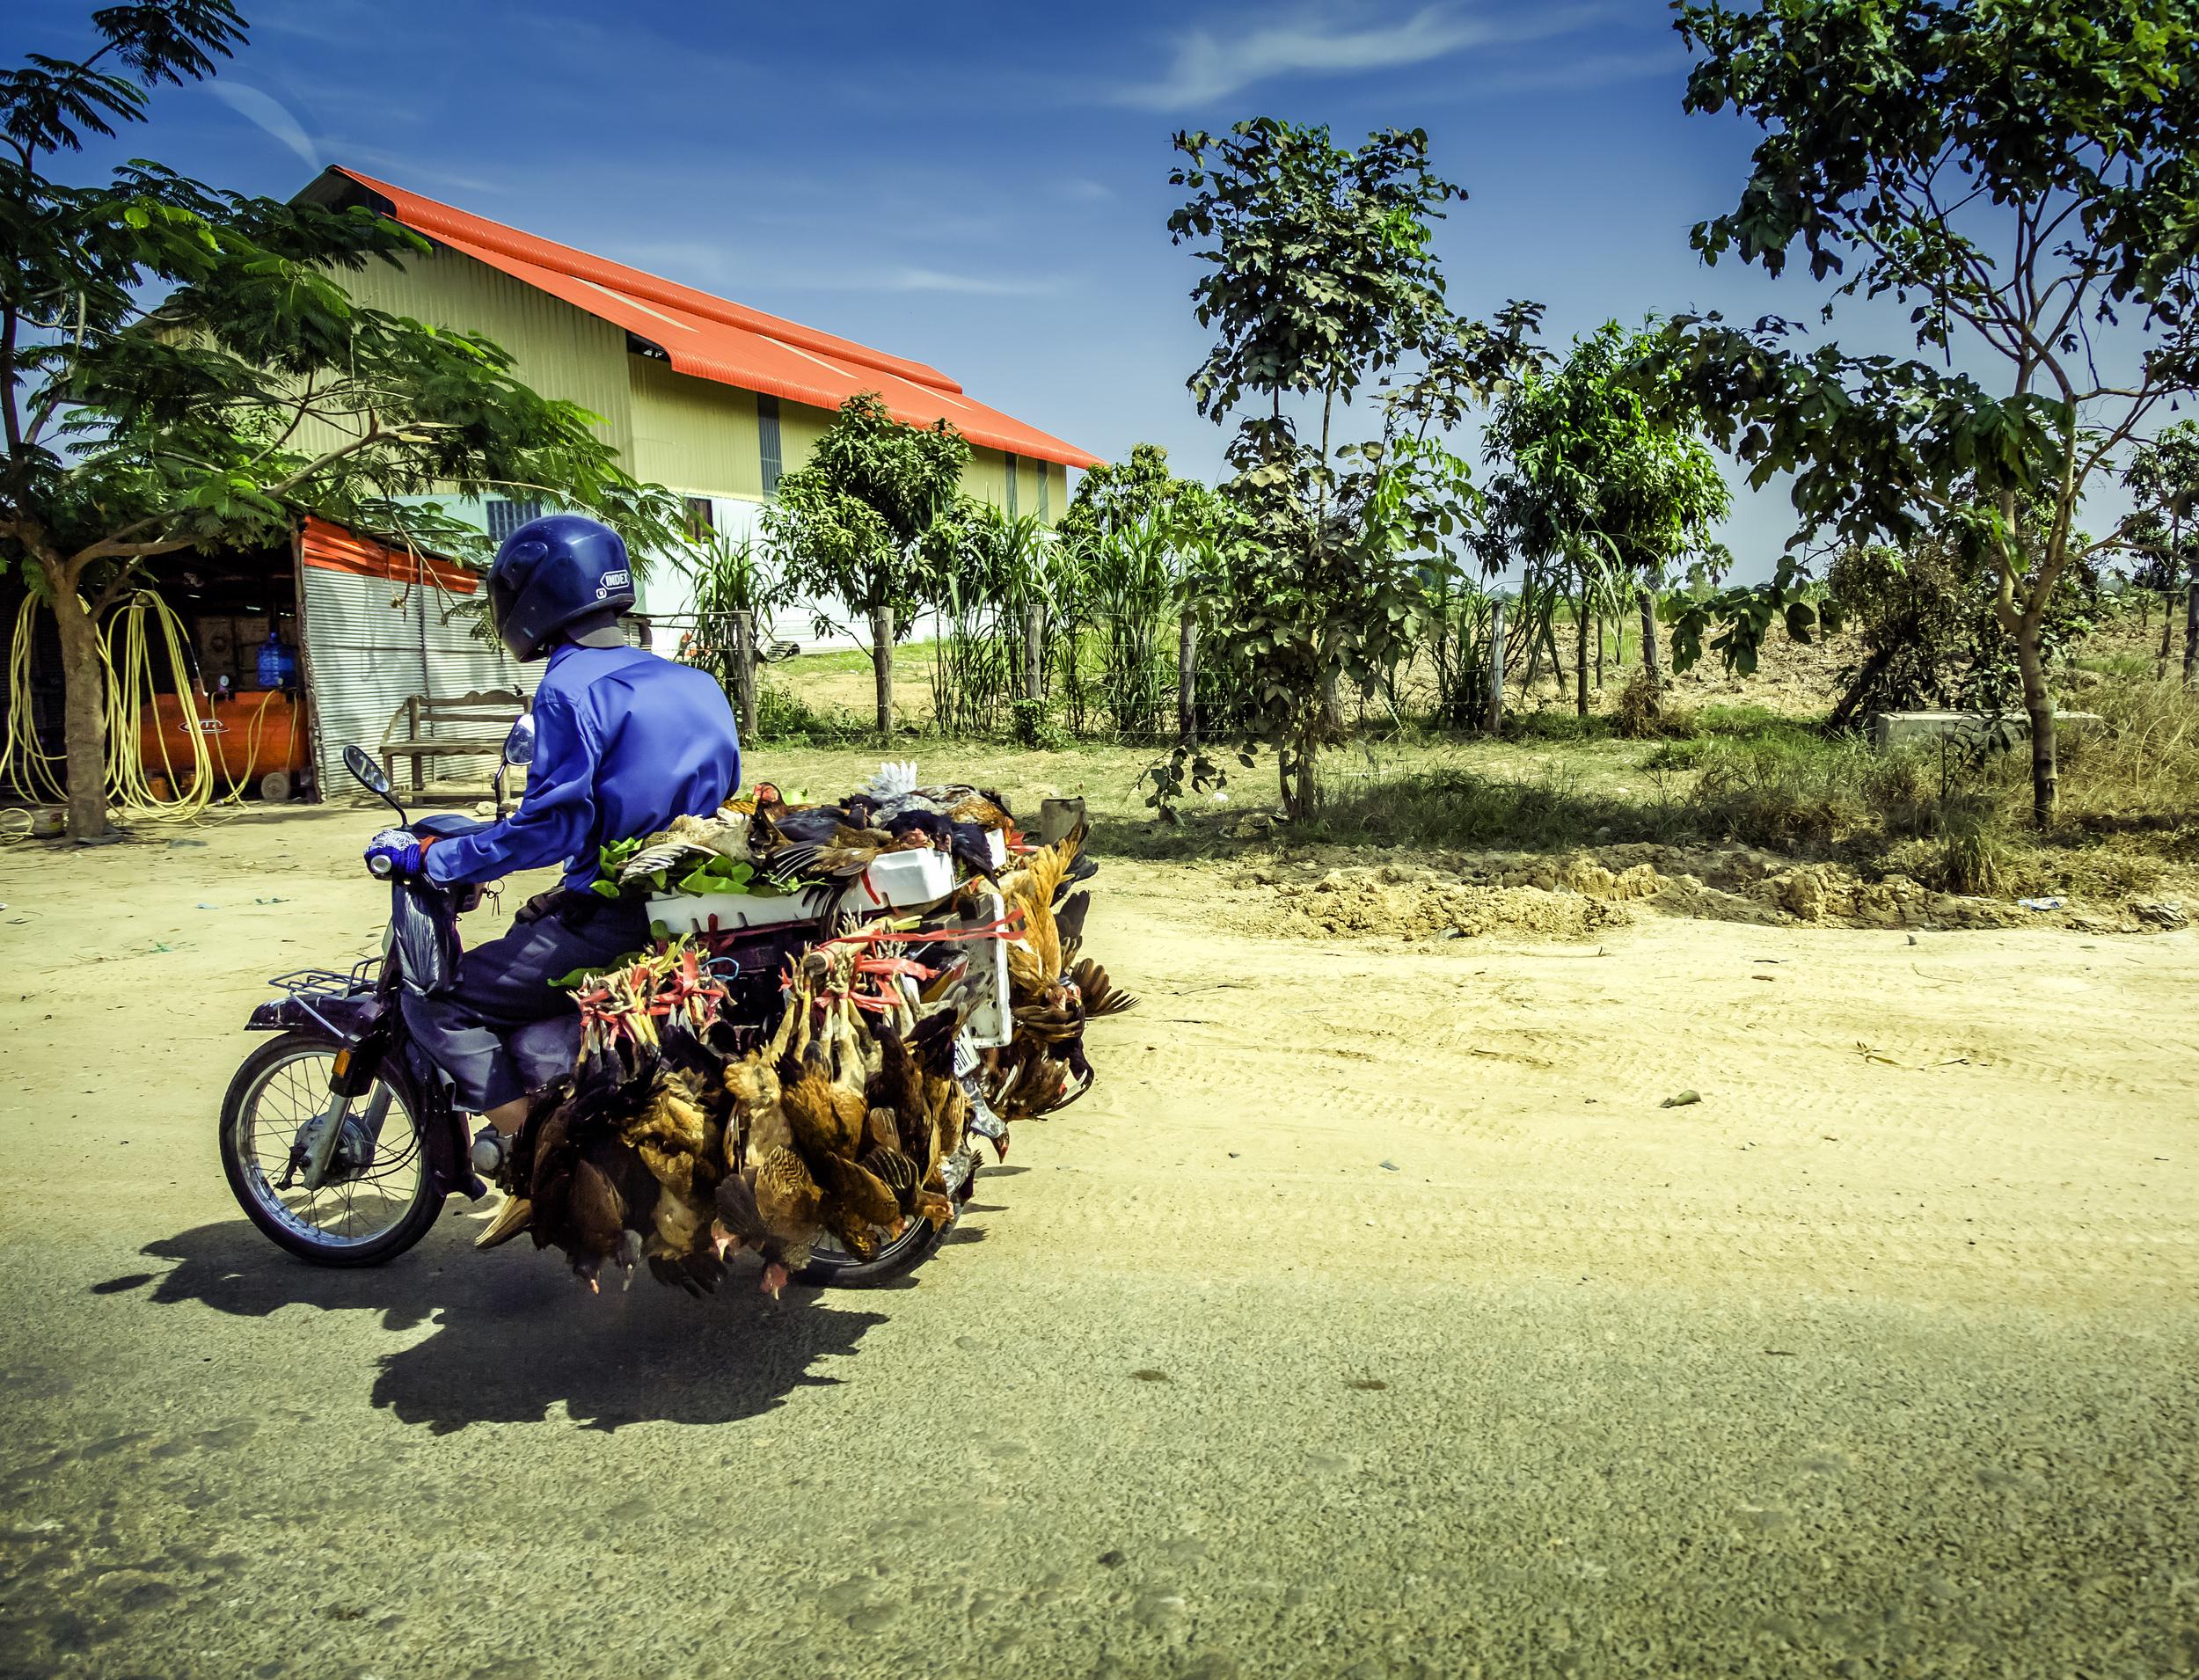 Chicken Bike